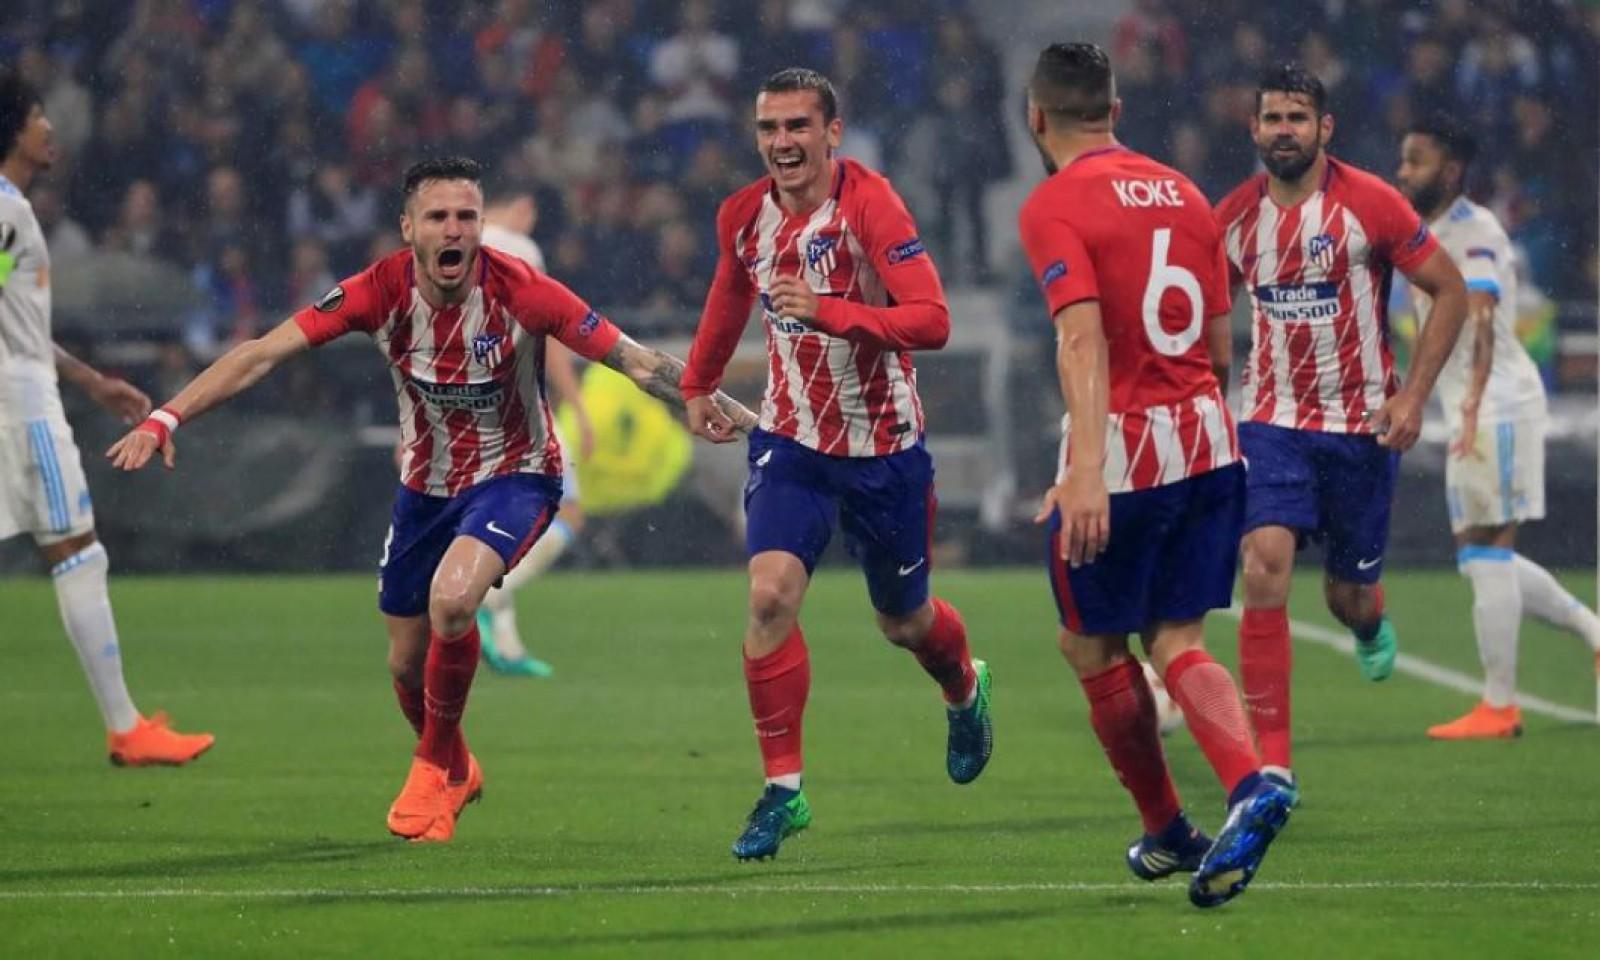 Atletico Madrid a câștigat pentru a treia trofeul Europa League! Spaniolii au învins în finală echipa Olimpique Marseille